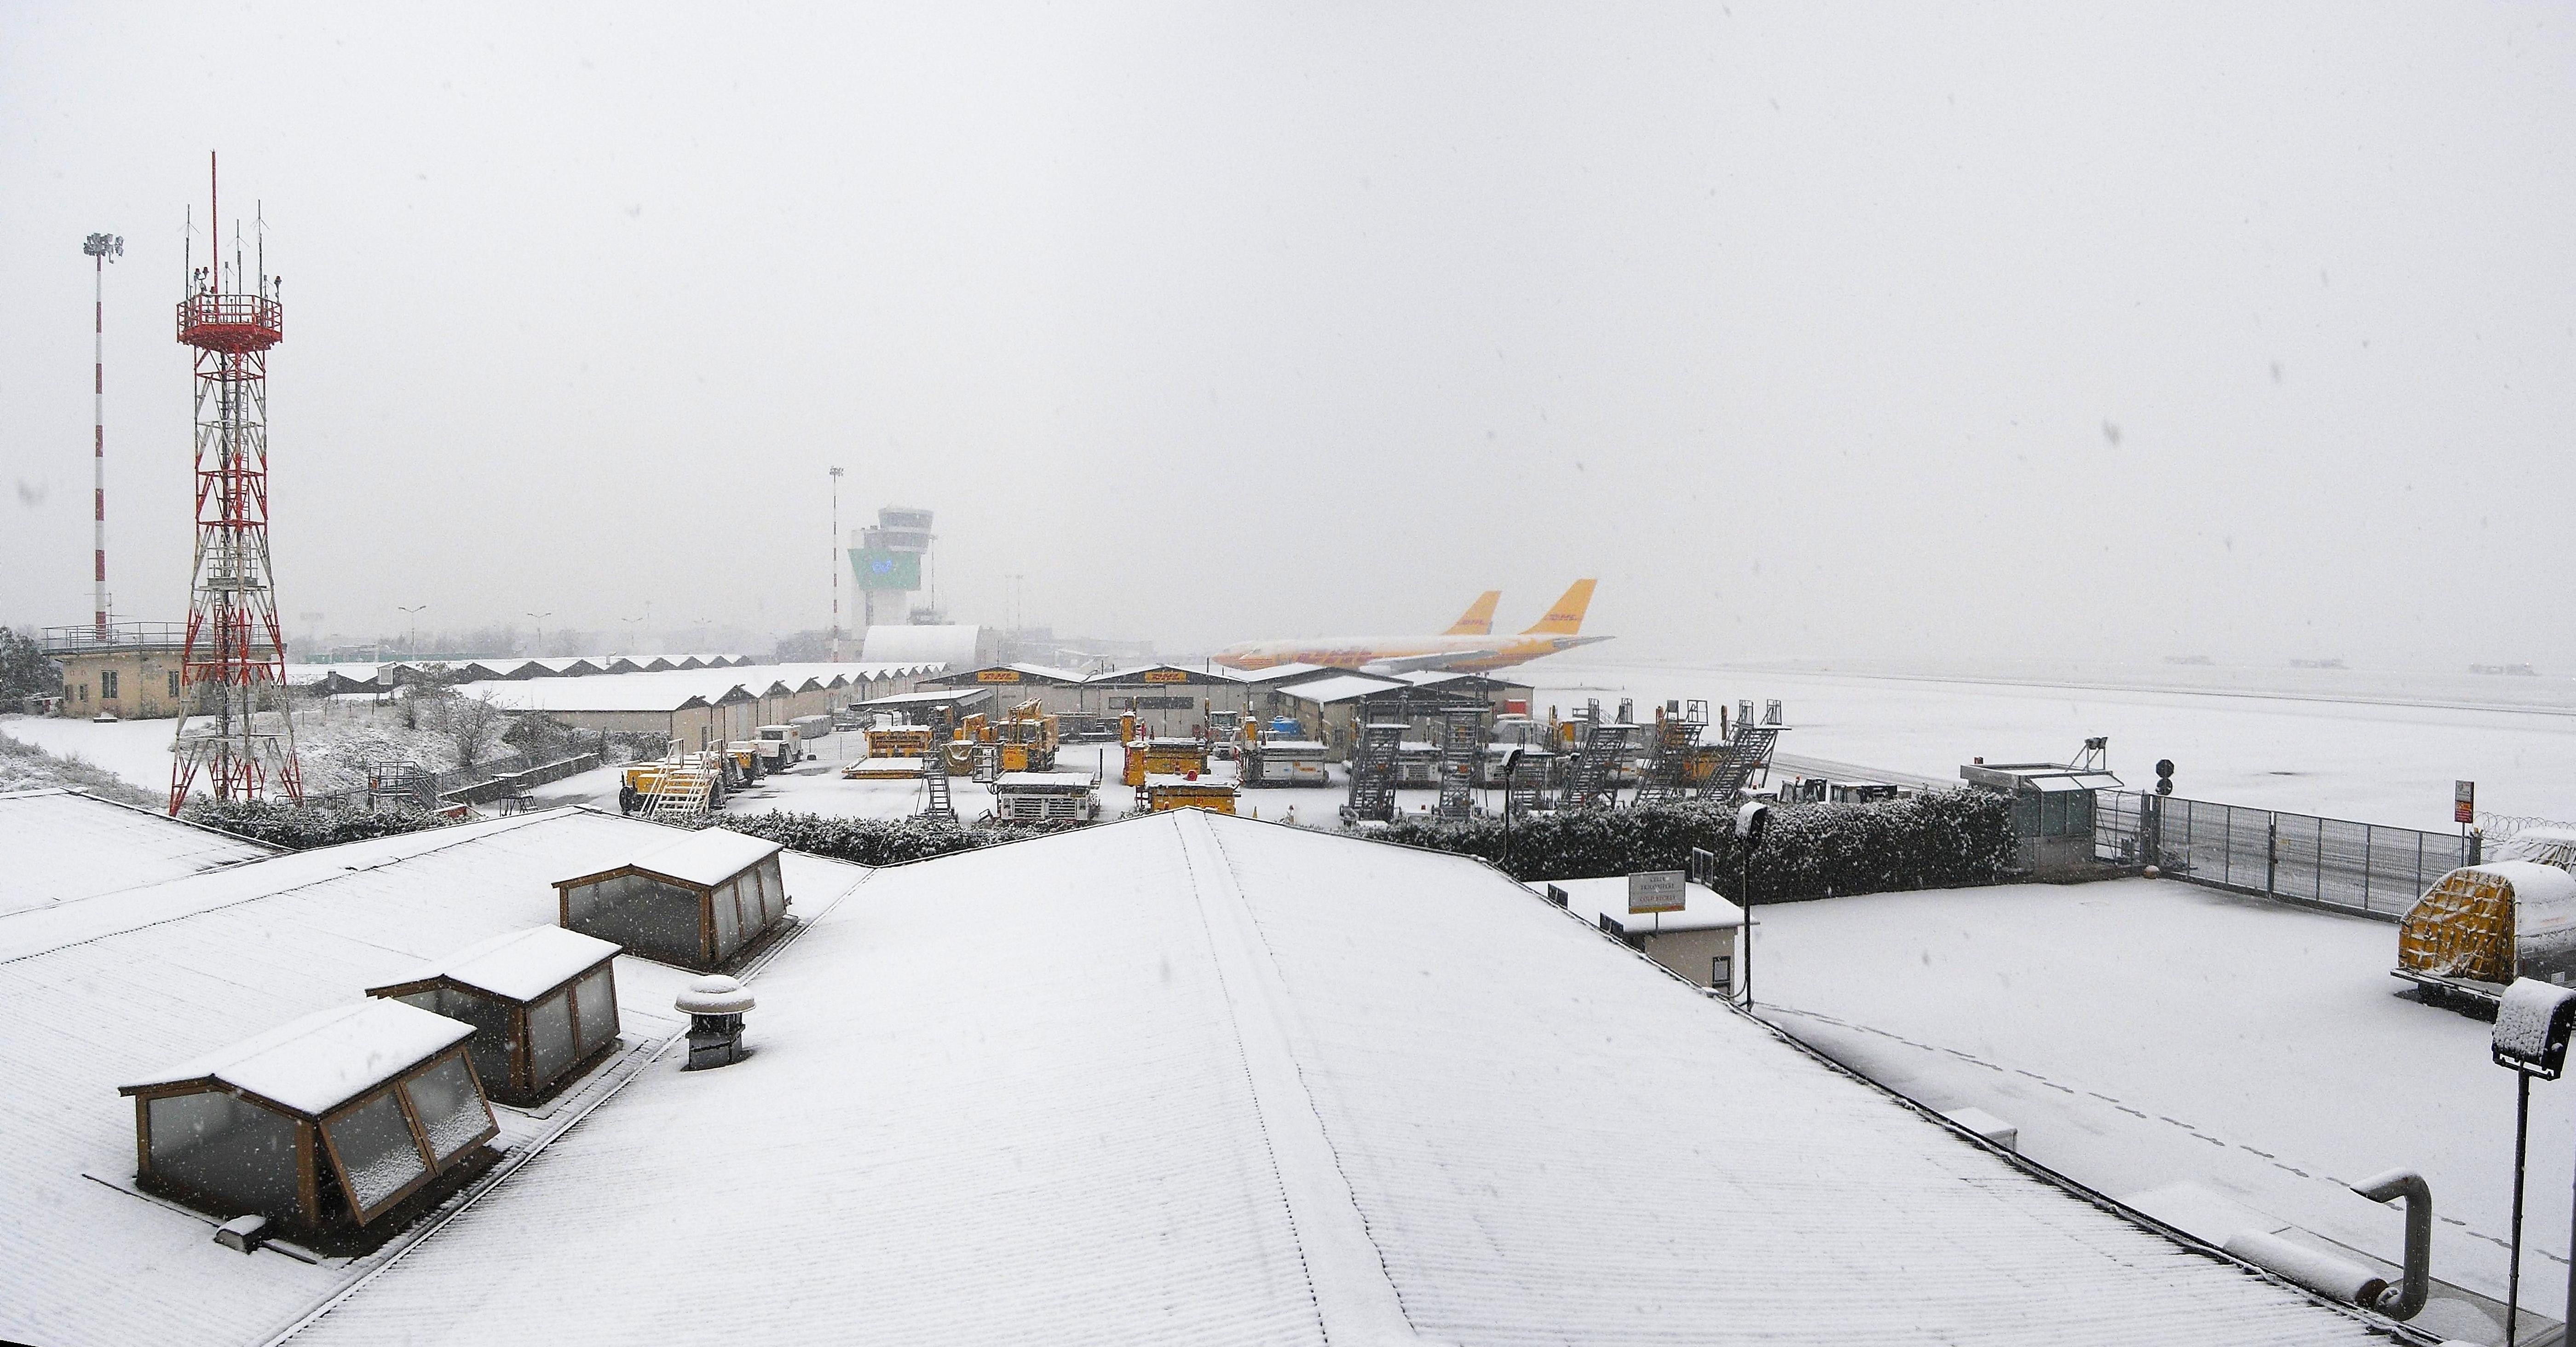 Airport Orio Al Serio : File neve aeroporto orio al serio bgy g